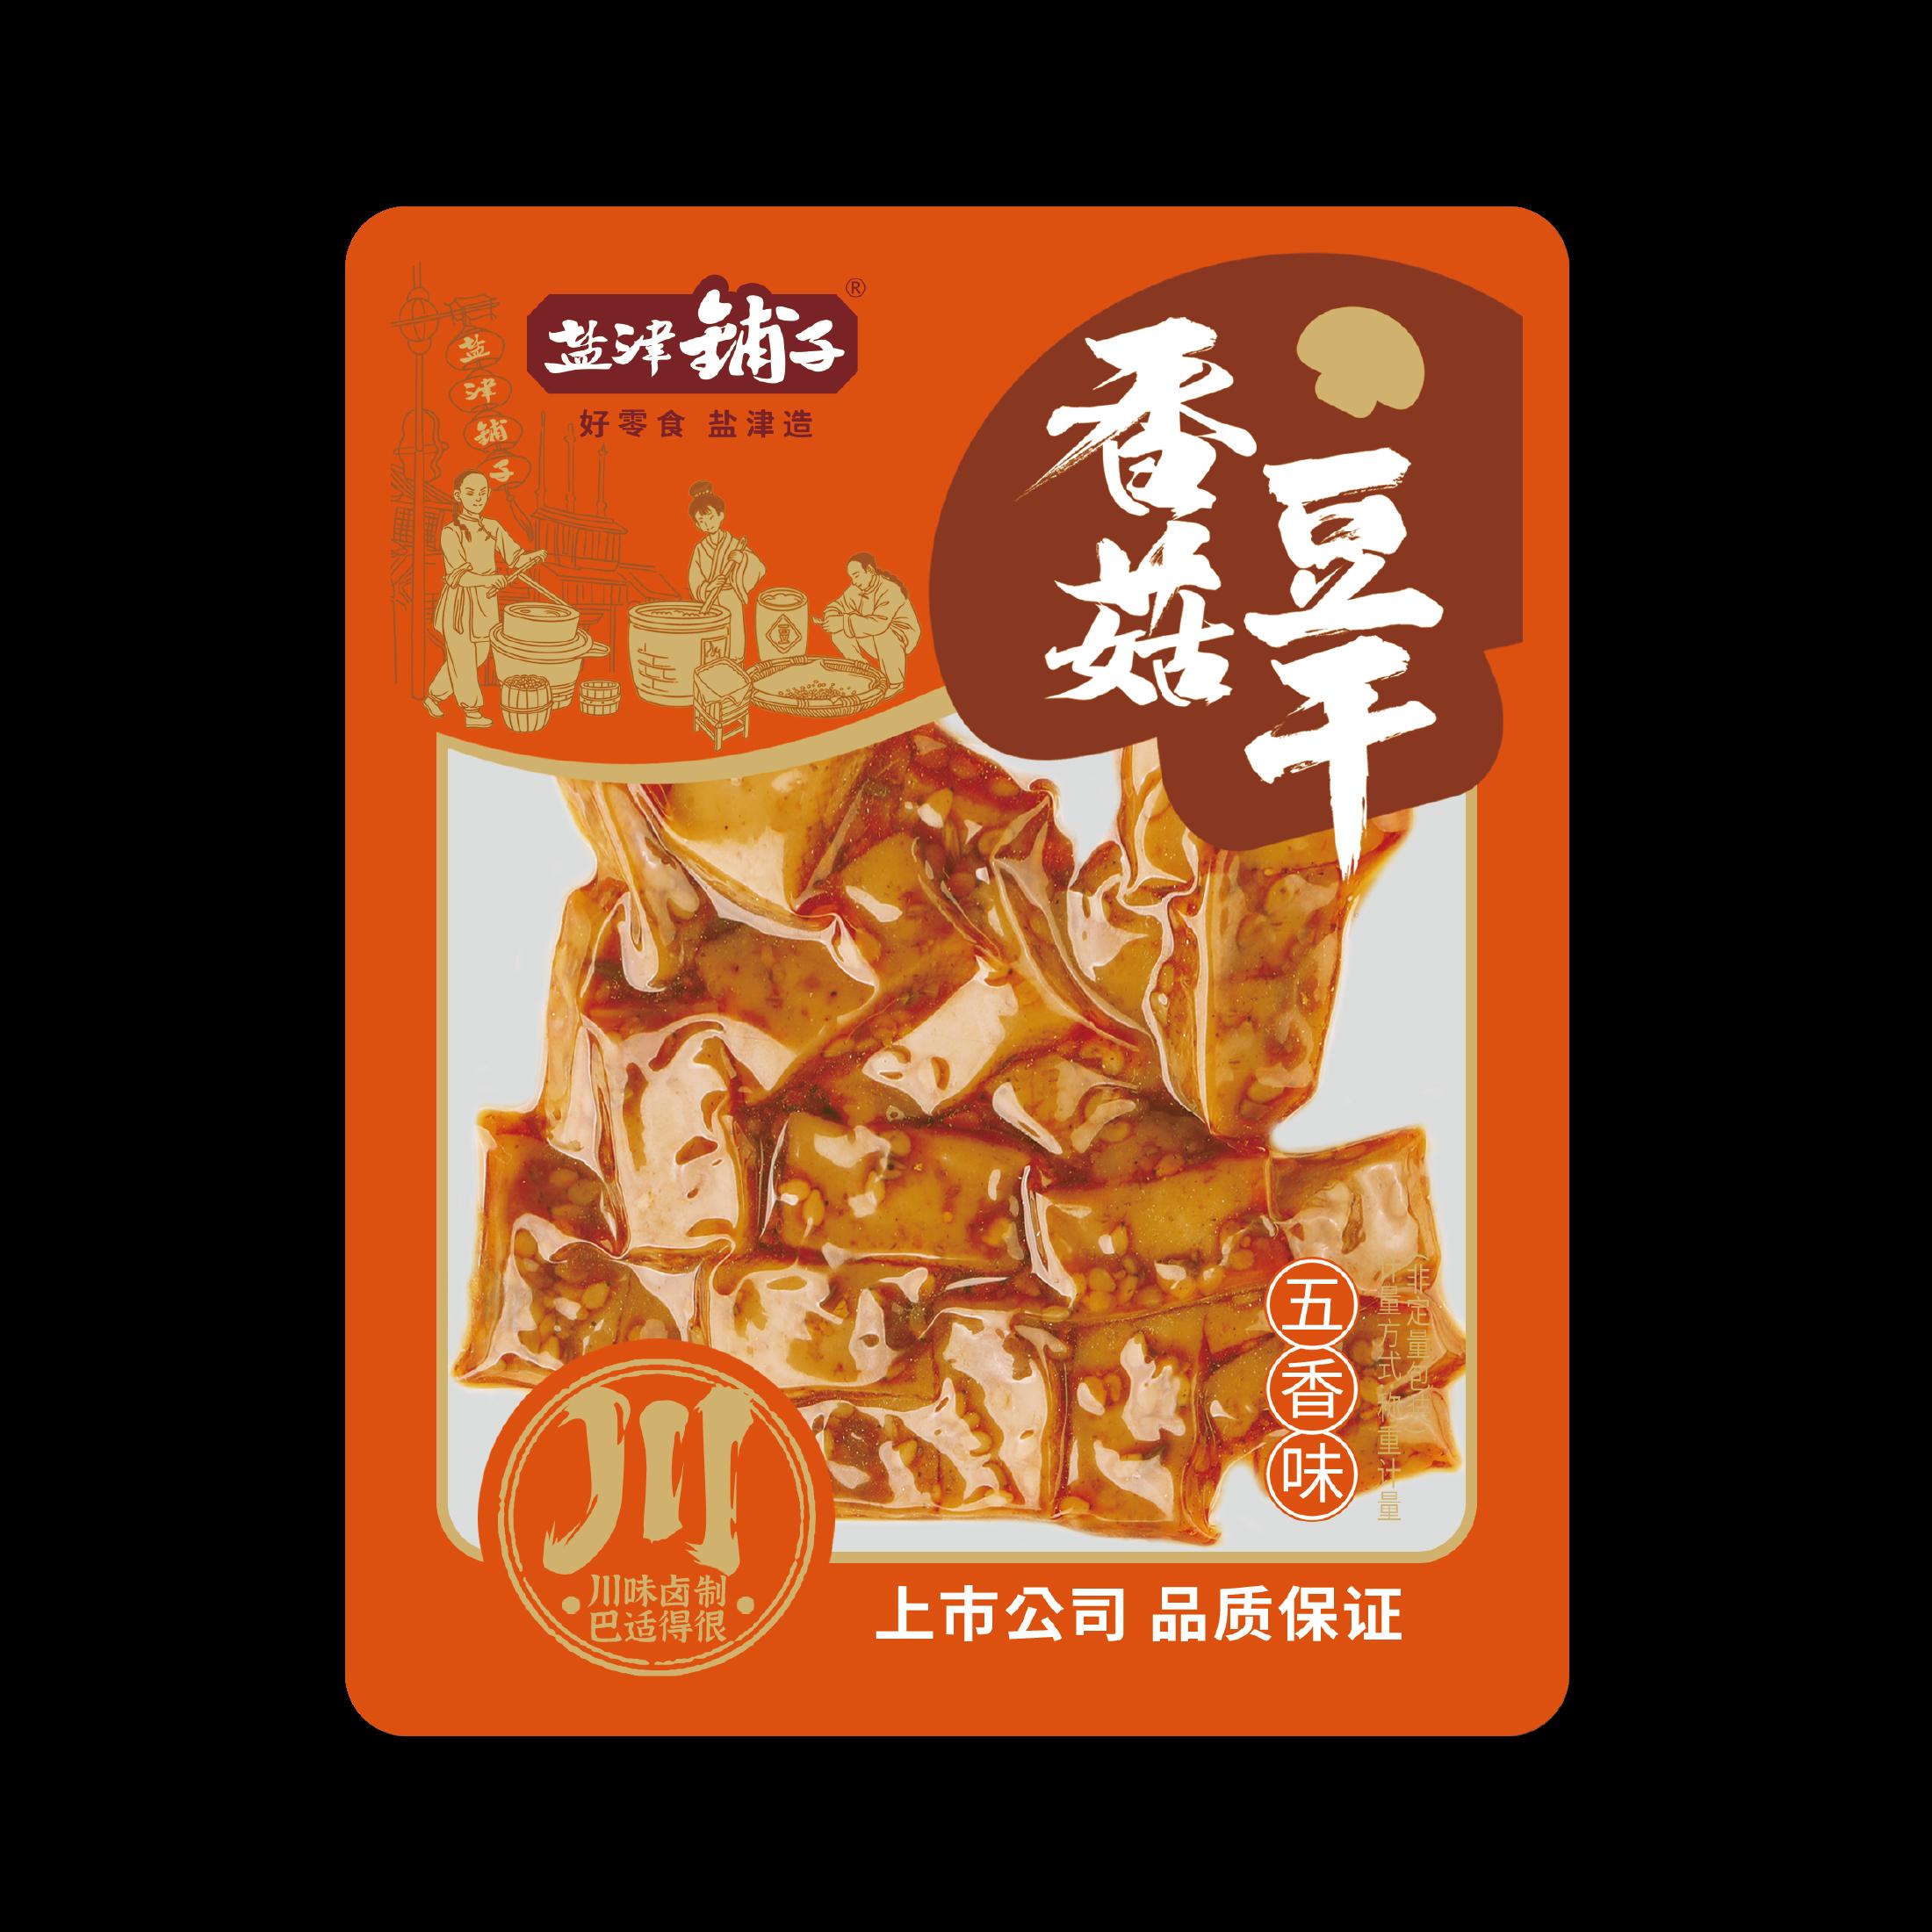 香菇豆干-五香味